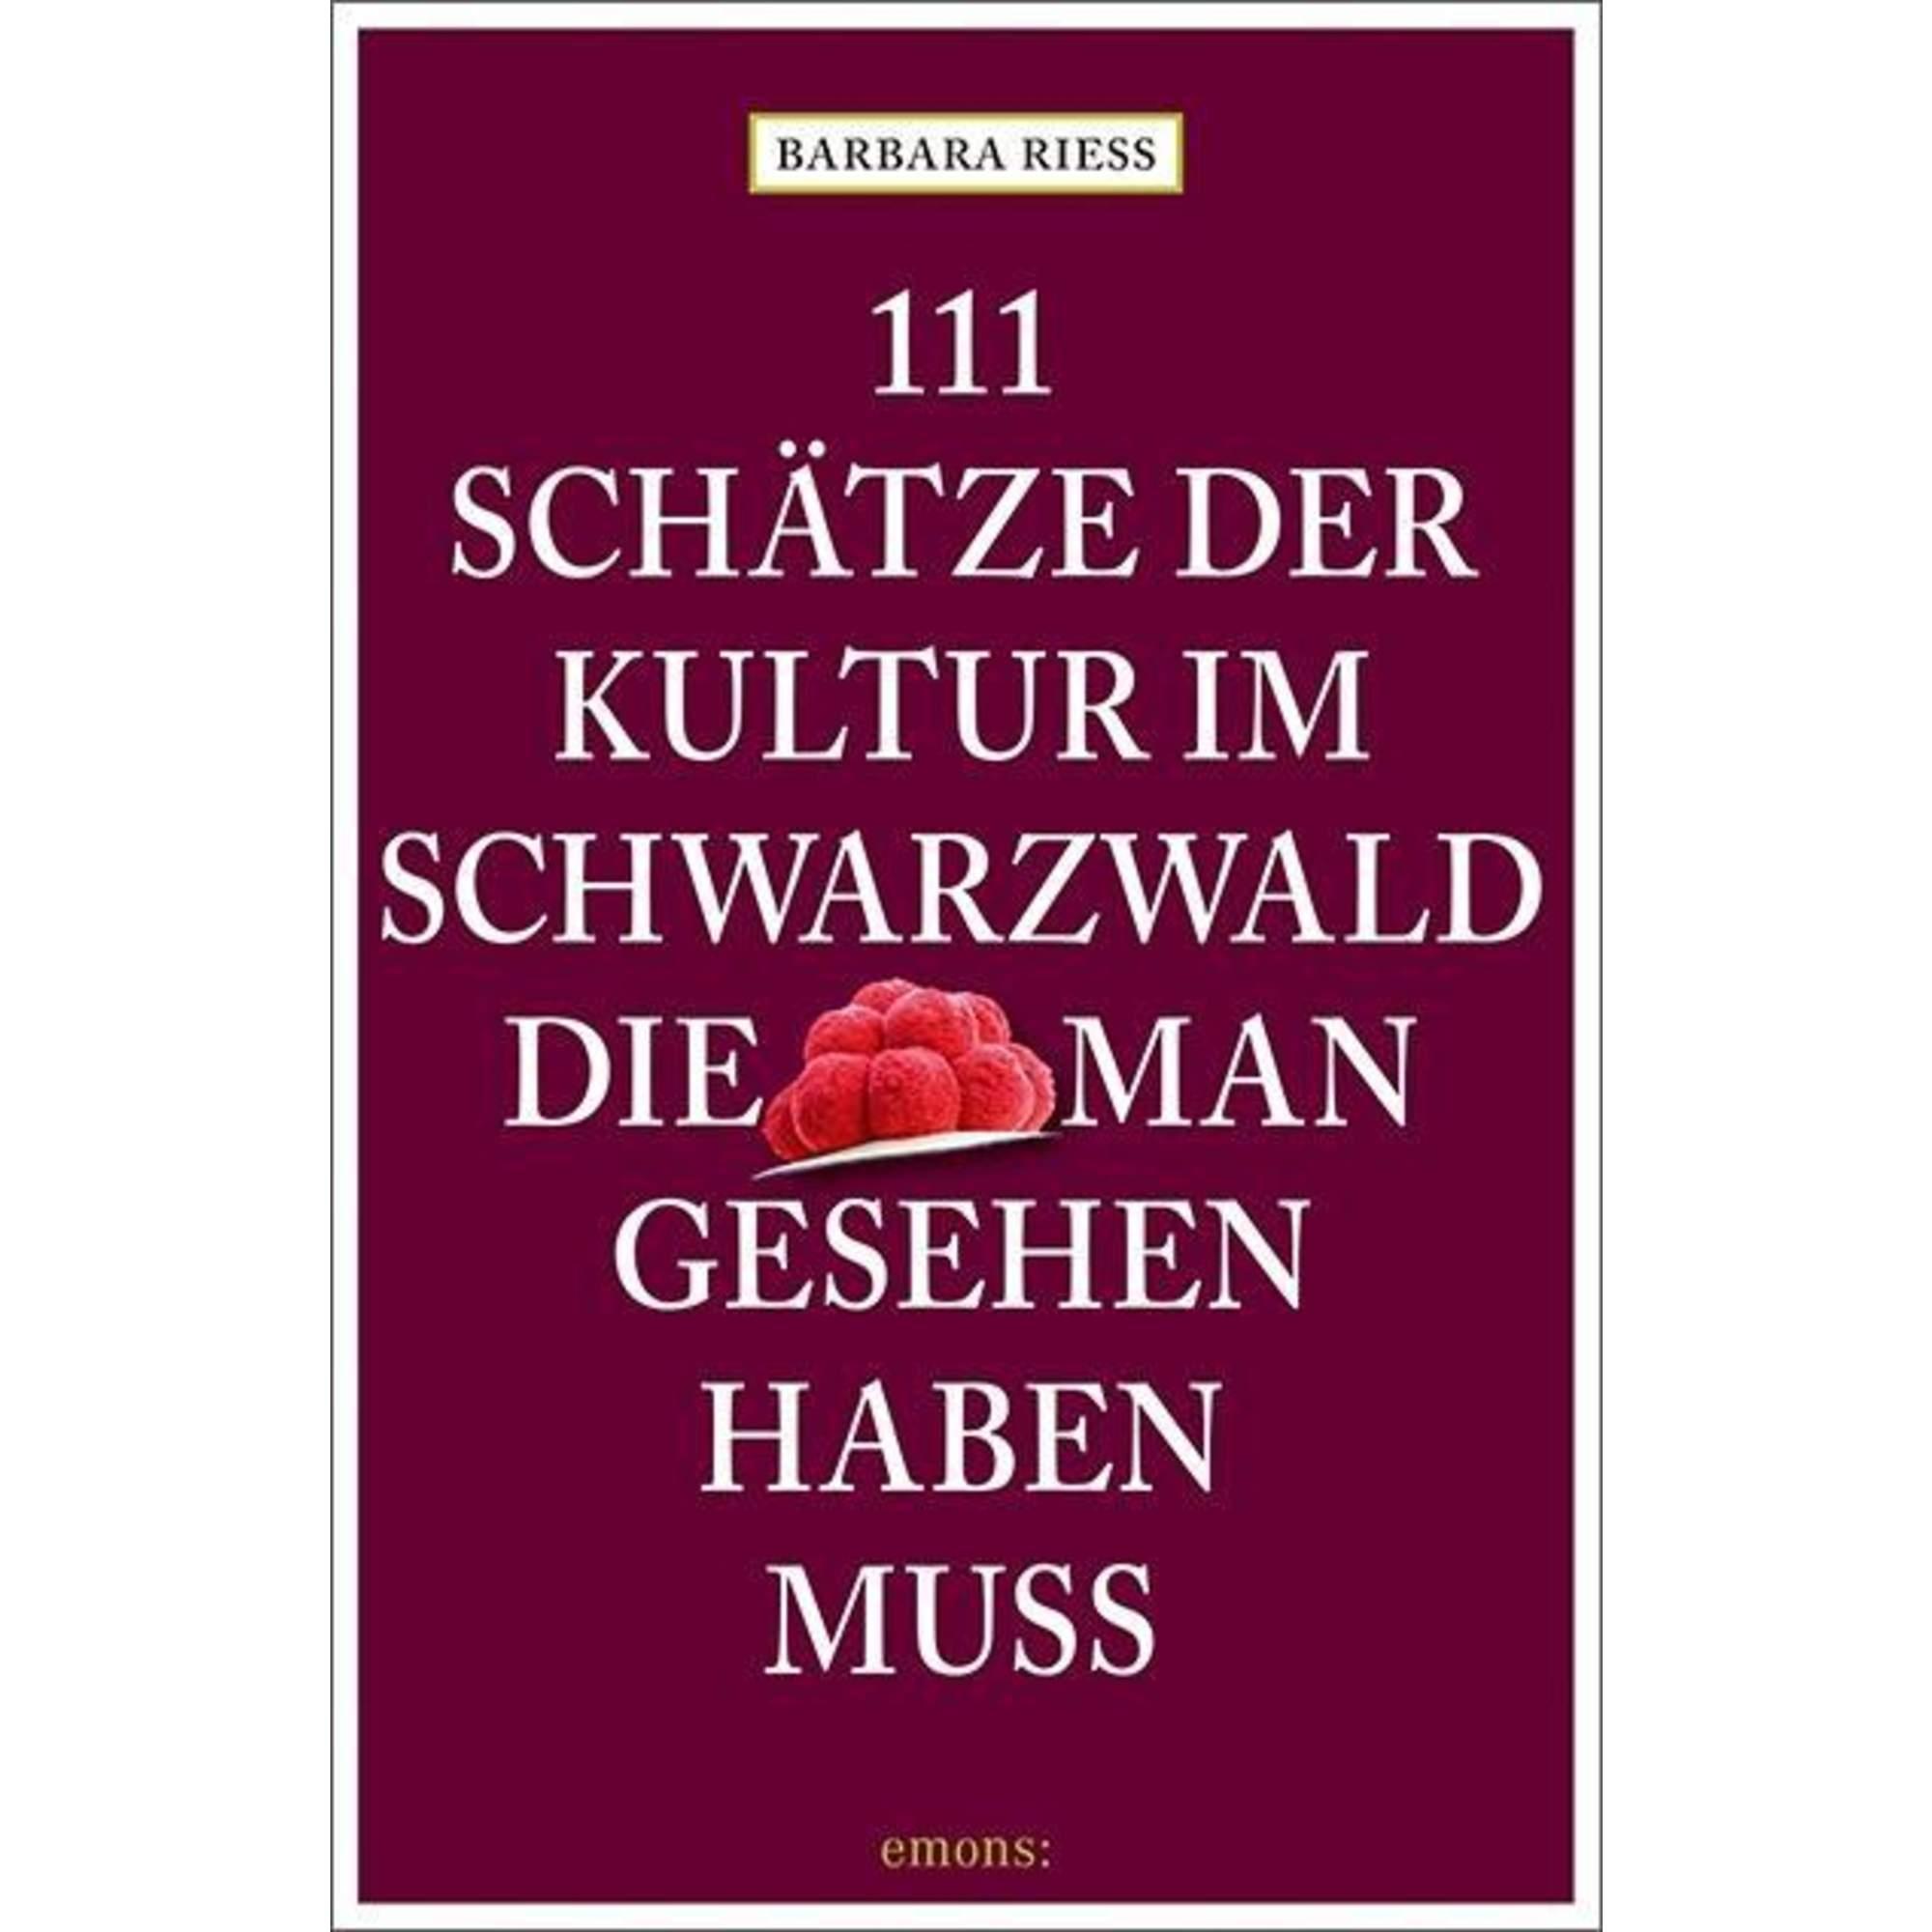 111 Schätze der Kultur im Schwarzwald, die man gesehen haben muss, 16,95 Euro